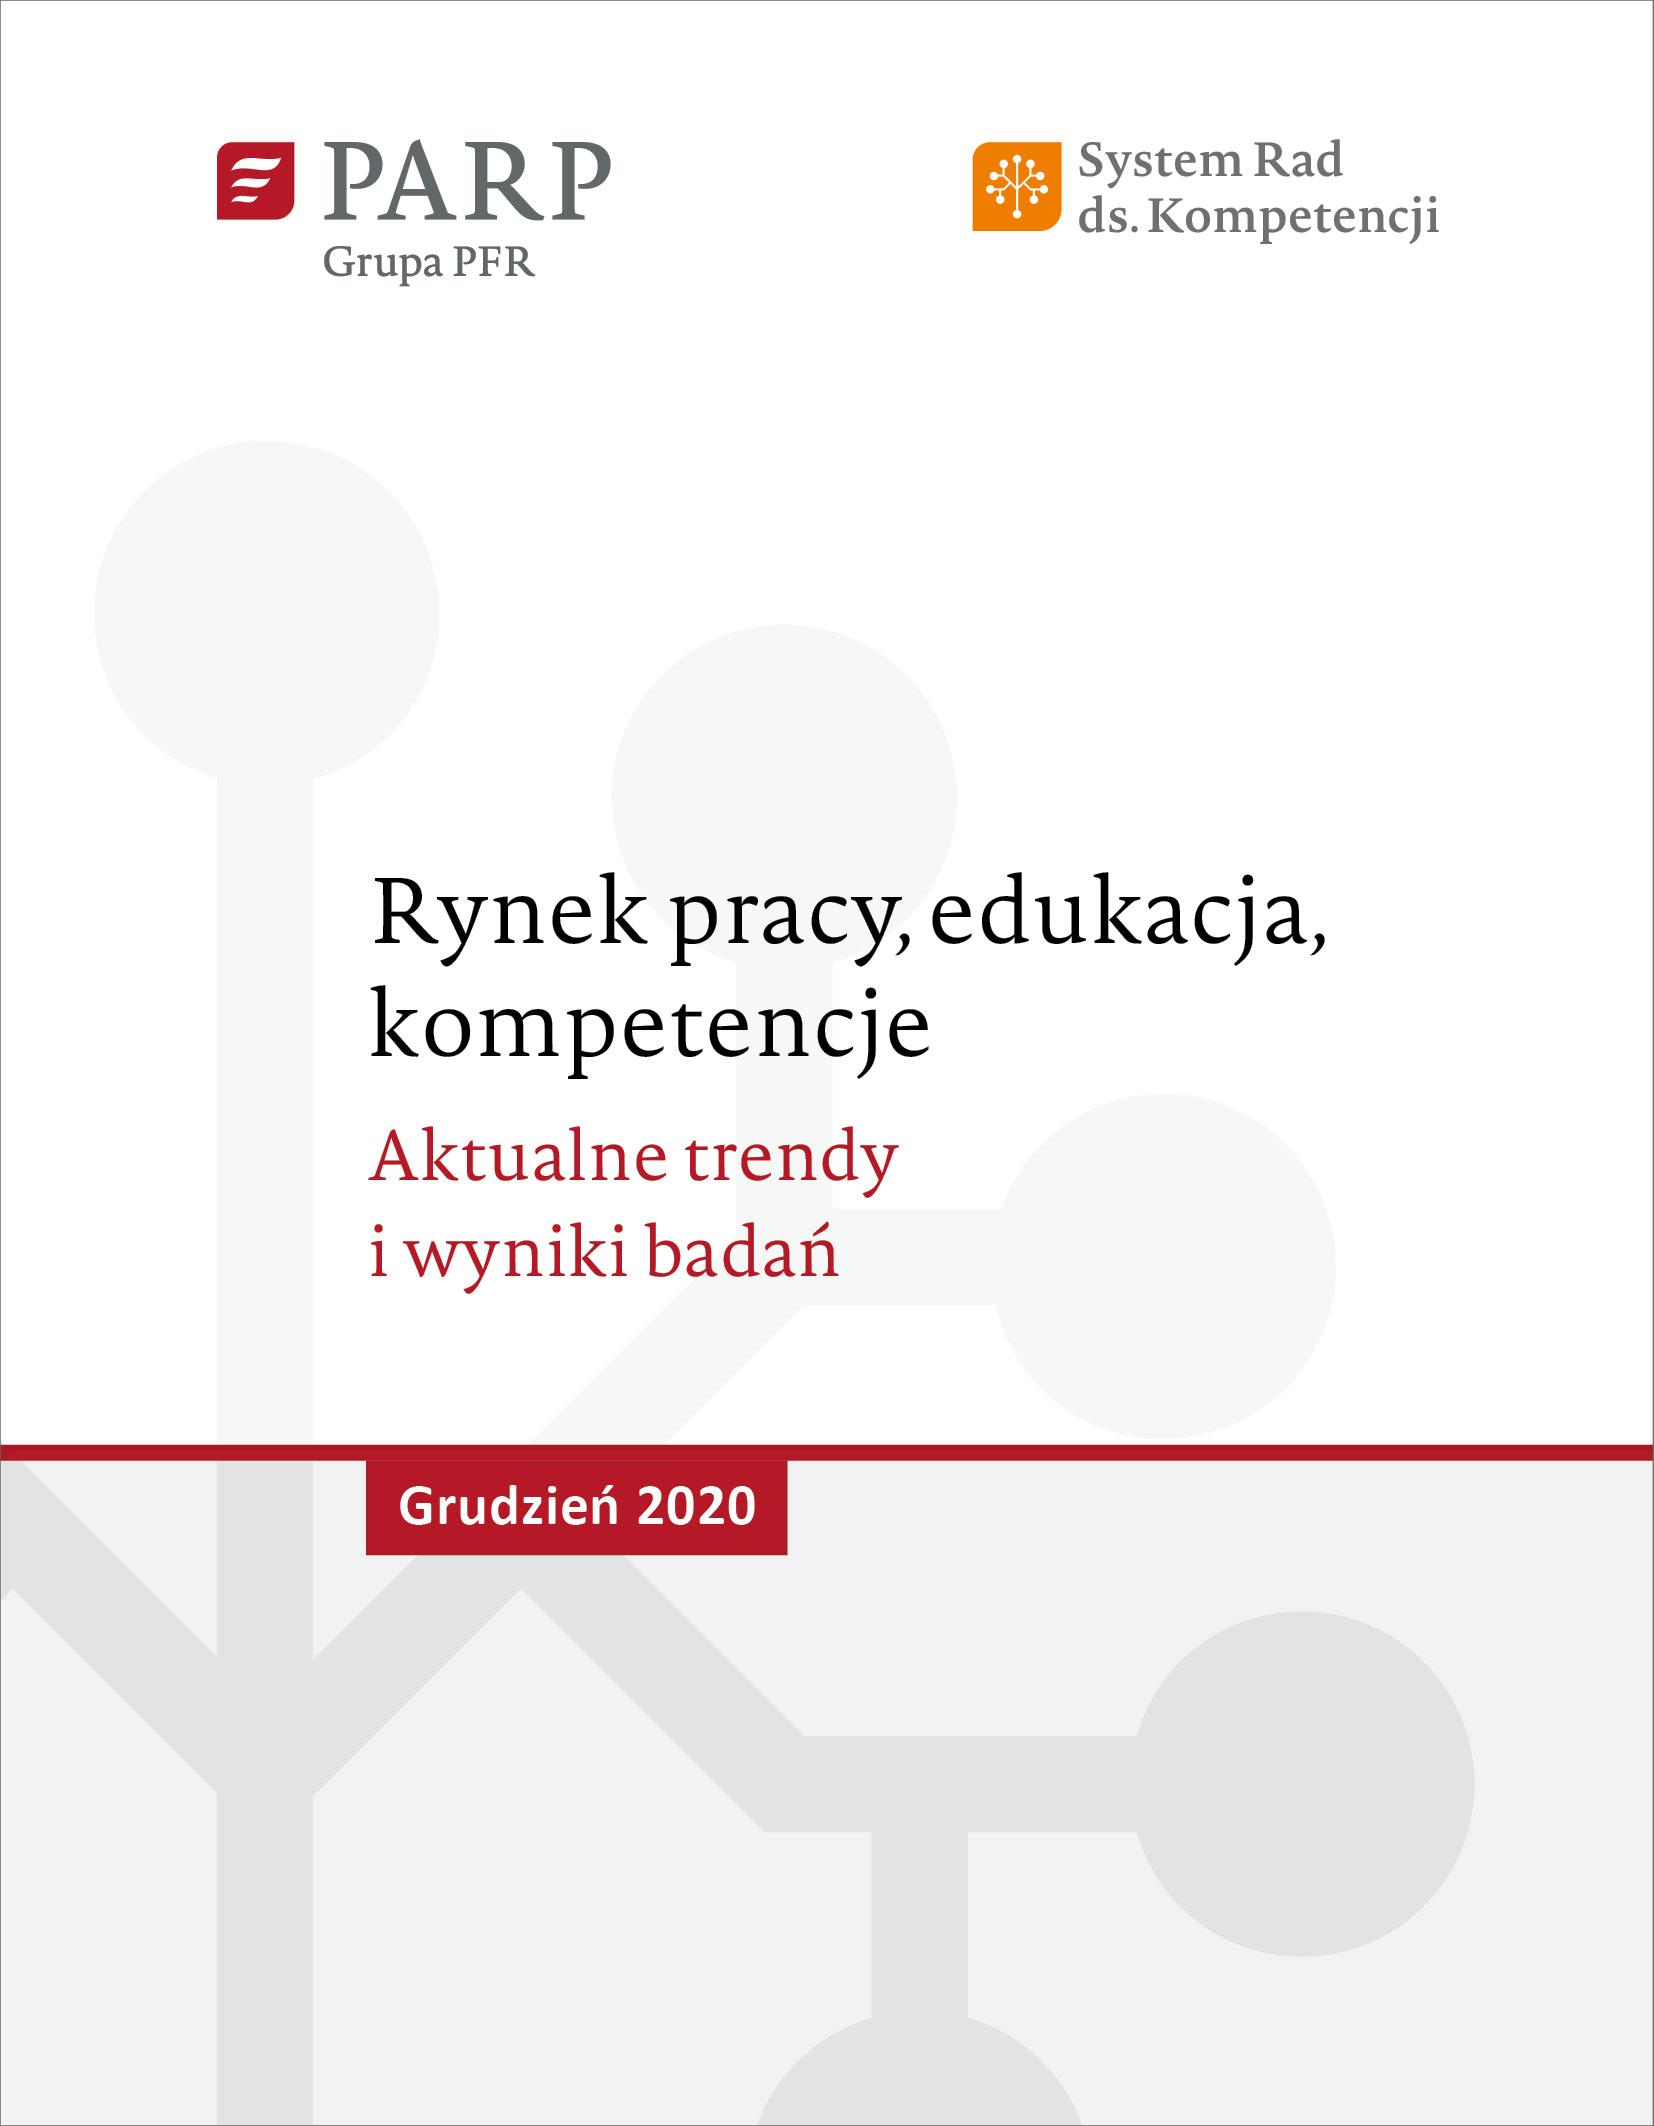 Rynek pracy, edukacja, kompetencje - grudzień 2020